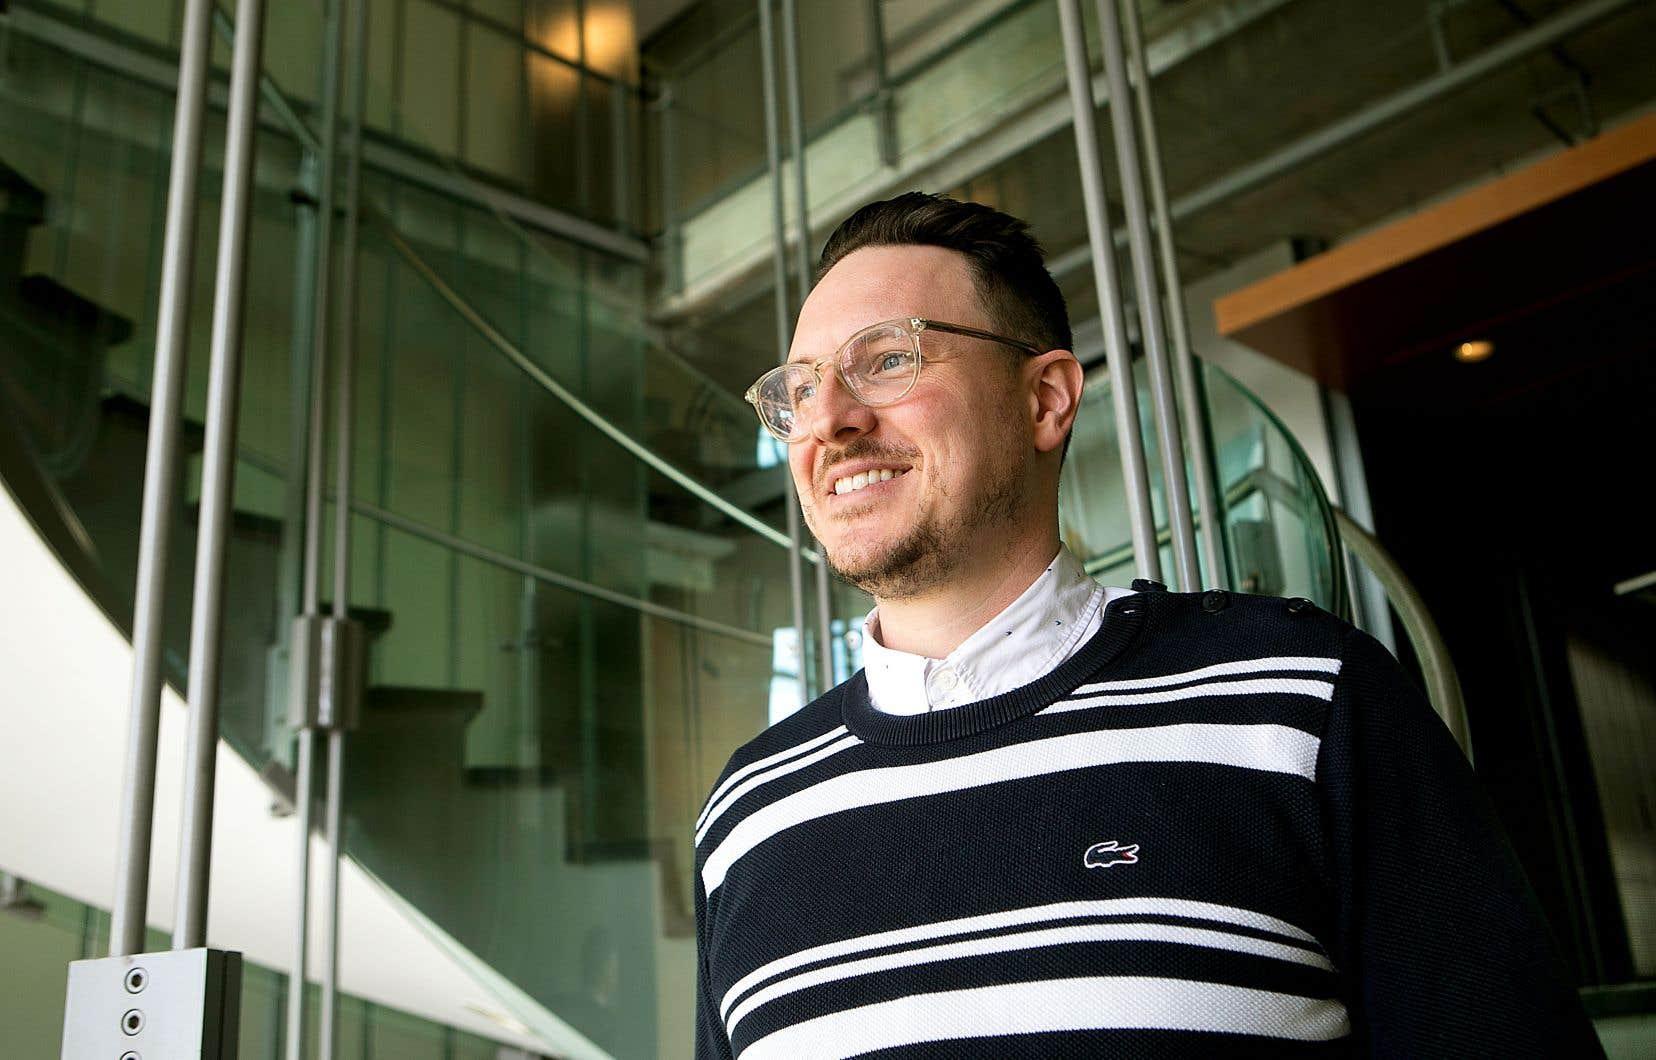 Jeremy Clark, titulaire de la Chaire de recherche industrielle en technologie de chaînes de blocs de l'Université Concordia,explore avec son équipe les différentes applications possibles pour la technologie des chaînes de blocs.